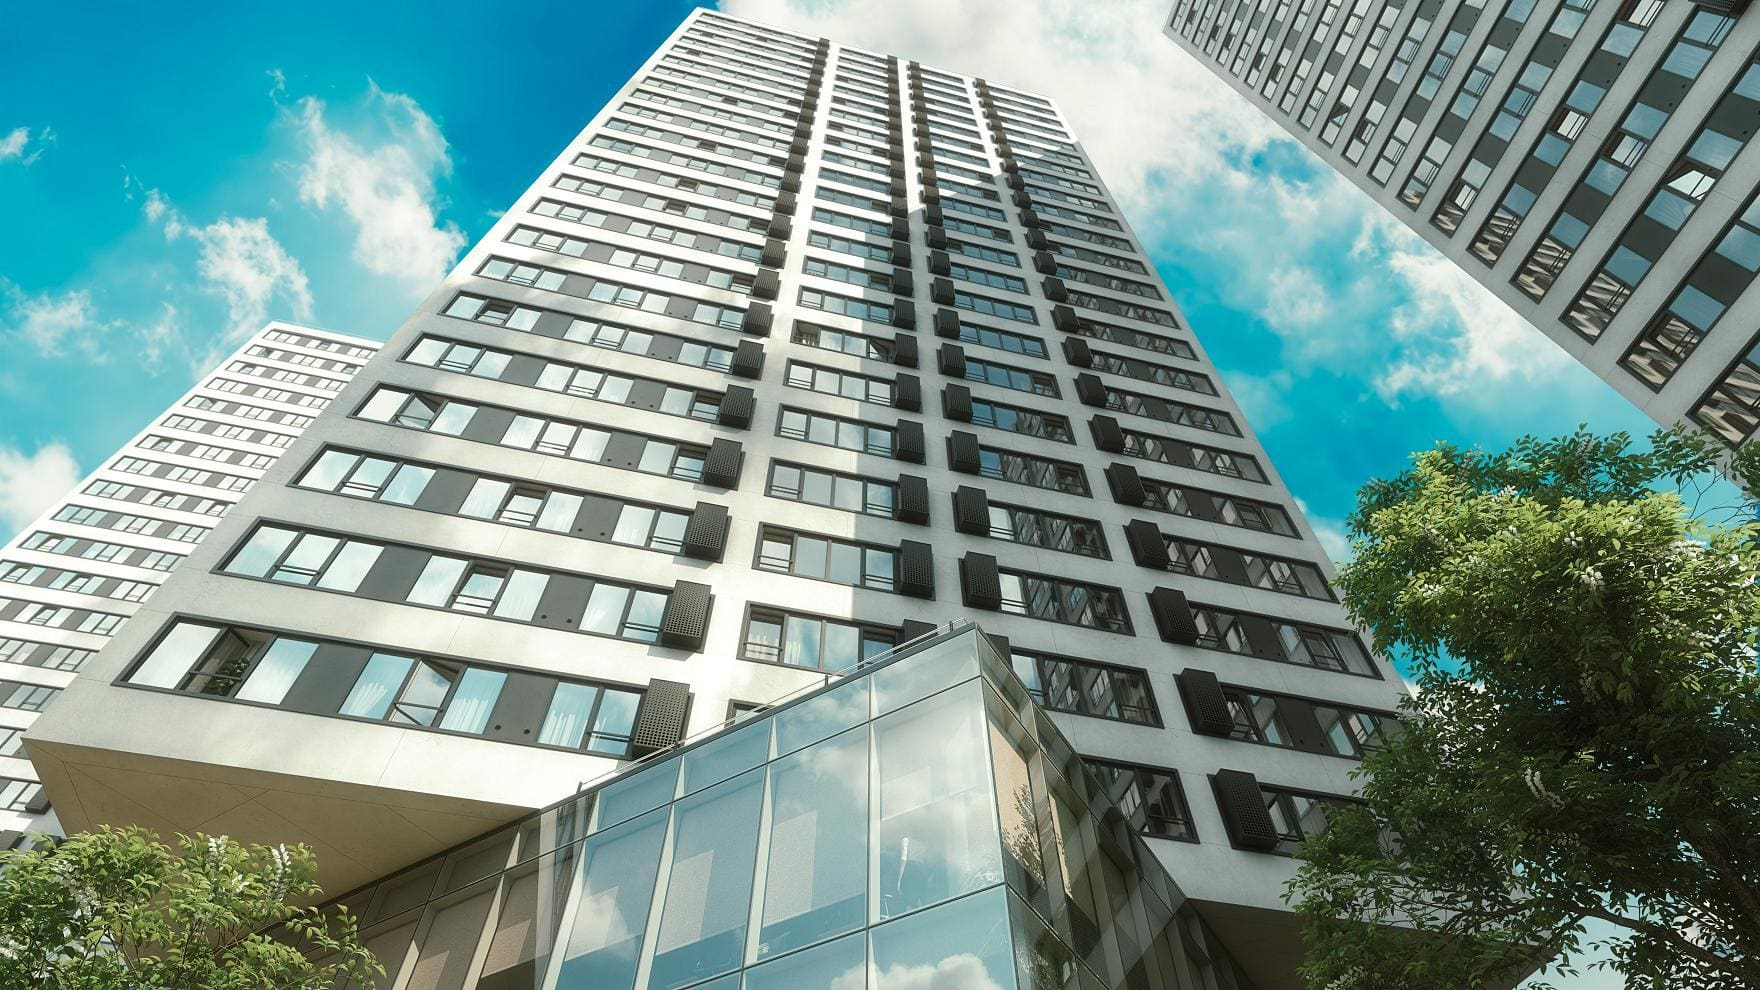 Fusion budynek wizualizacja wieżowiec